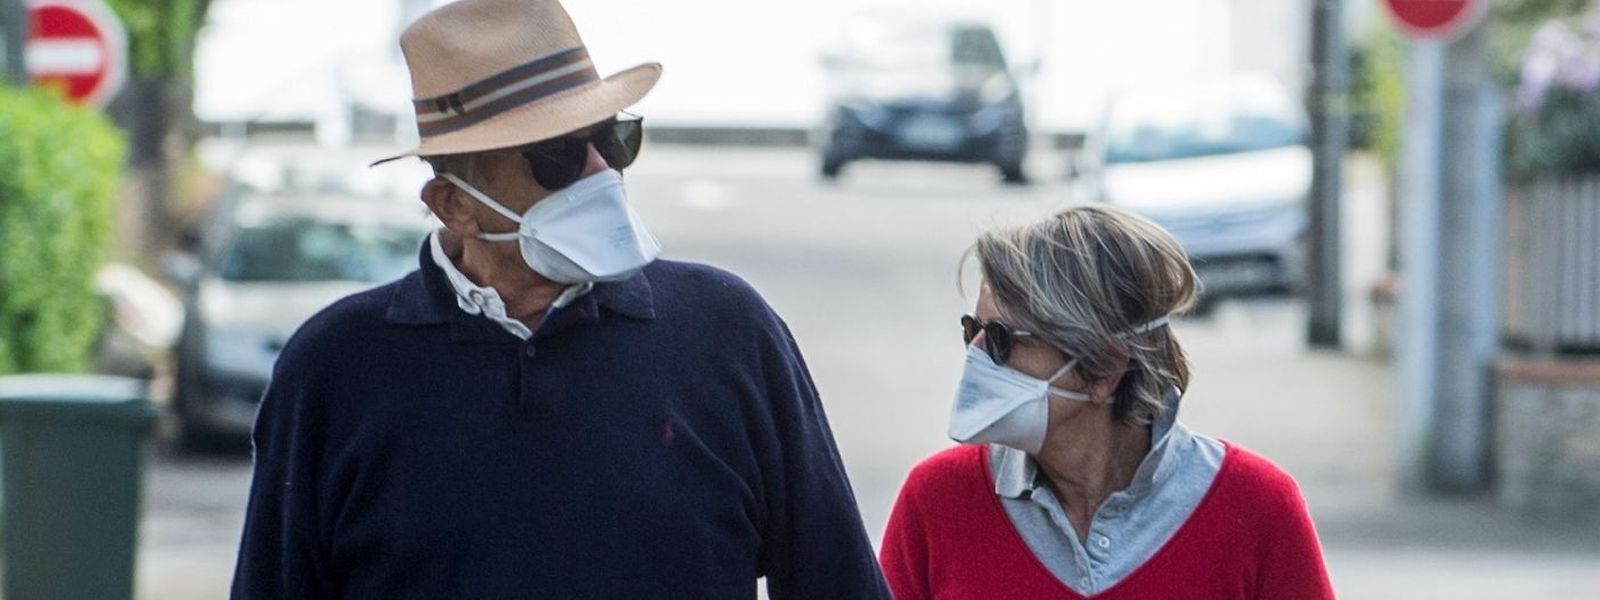 Attention, rappellent les ministres de la Santé et de l'Intérieur, «le masque ne doit pas créer un faux sentiment de sécurité».